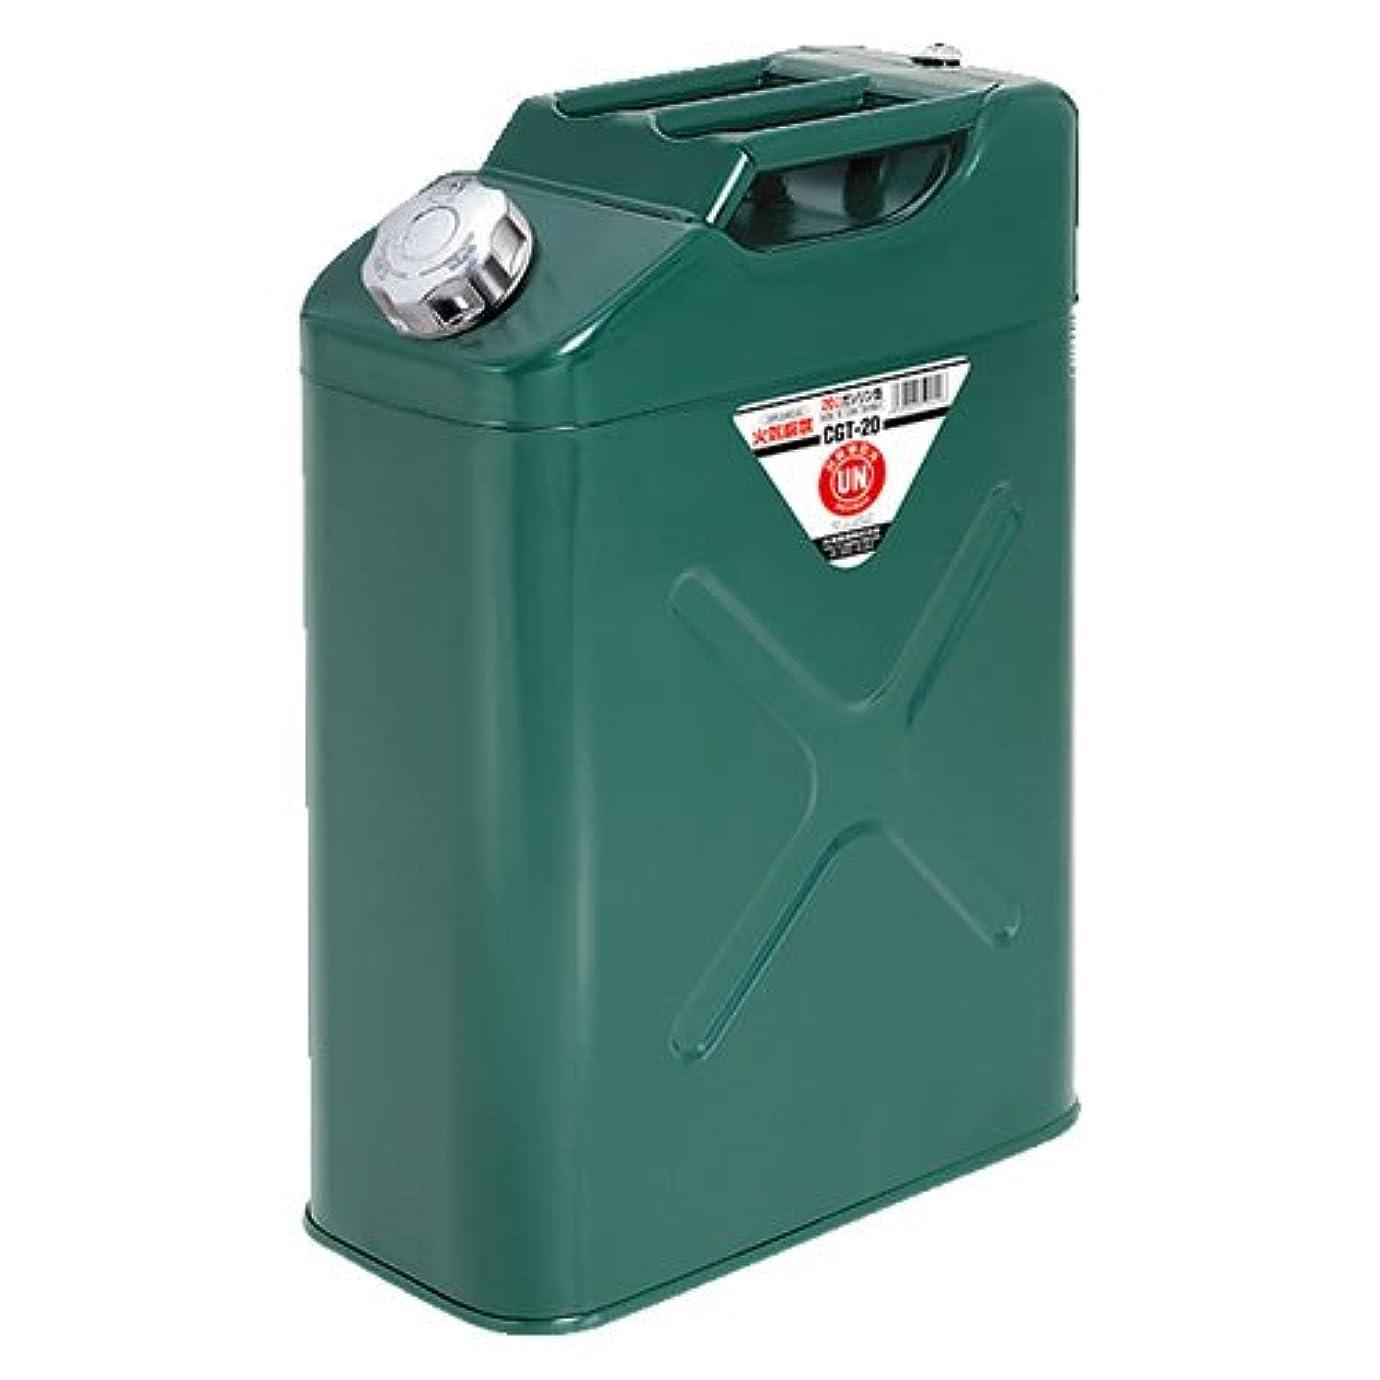 主観的砂の抜け目がない矢澤産業 CGT-20 縦型ガソリン携帯缶 20L 消防法適合品 (CGT20)